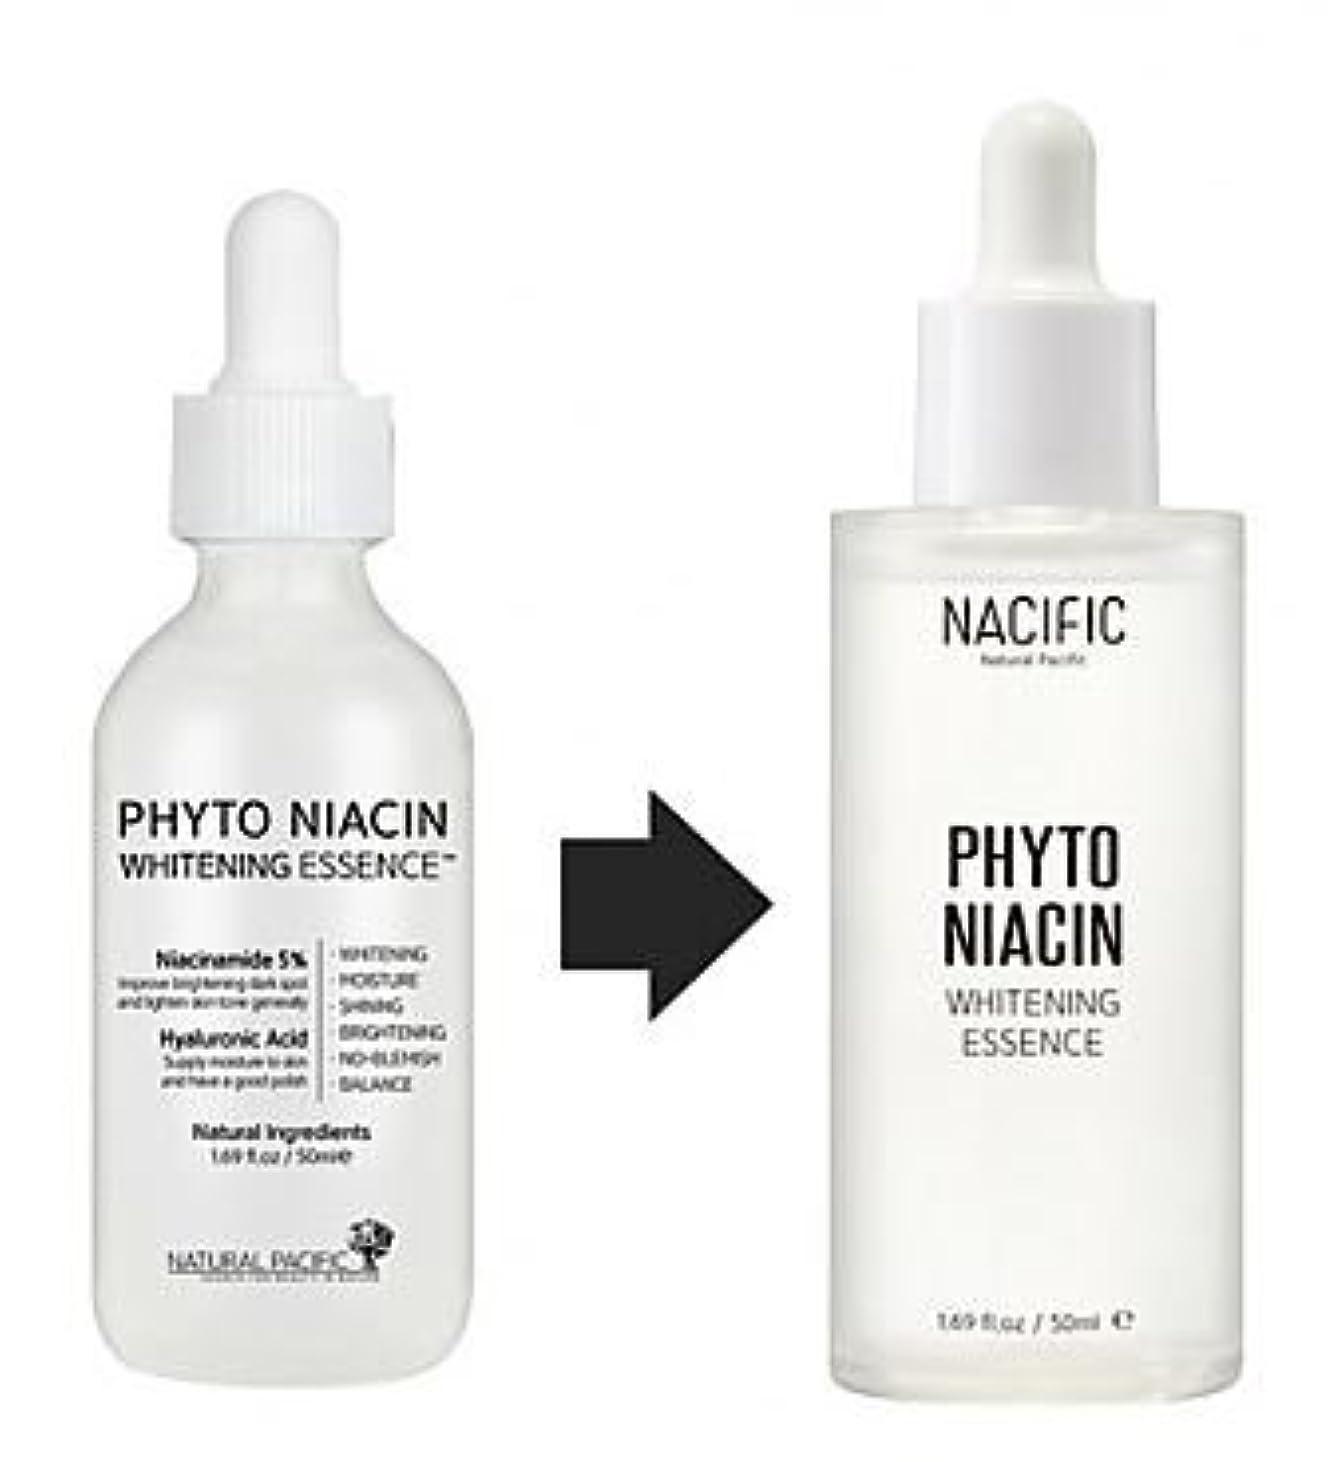 近似自宅でデータベース[NACIFIC]Phyto Niacin Whitening Essence 50ml/ナチュラルパシフィック フィト ナイアシン ホワイトニング エッセンス 50ml [並行輸入品]